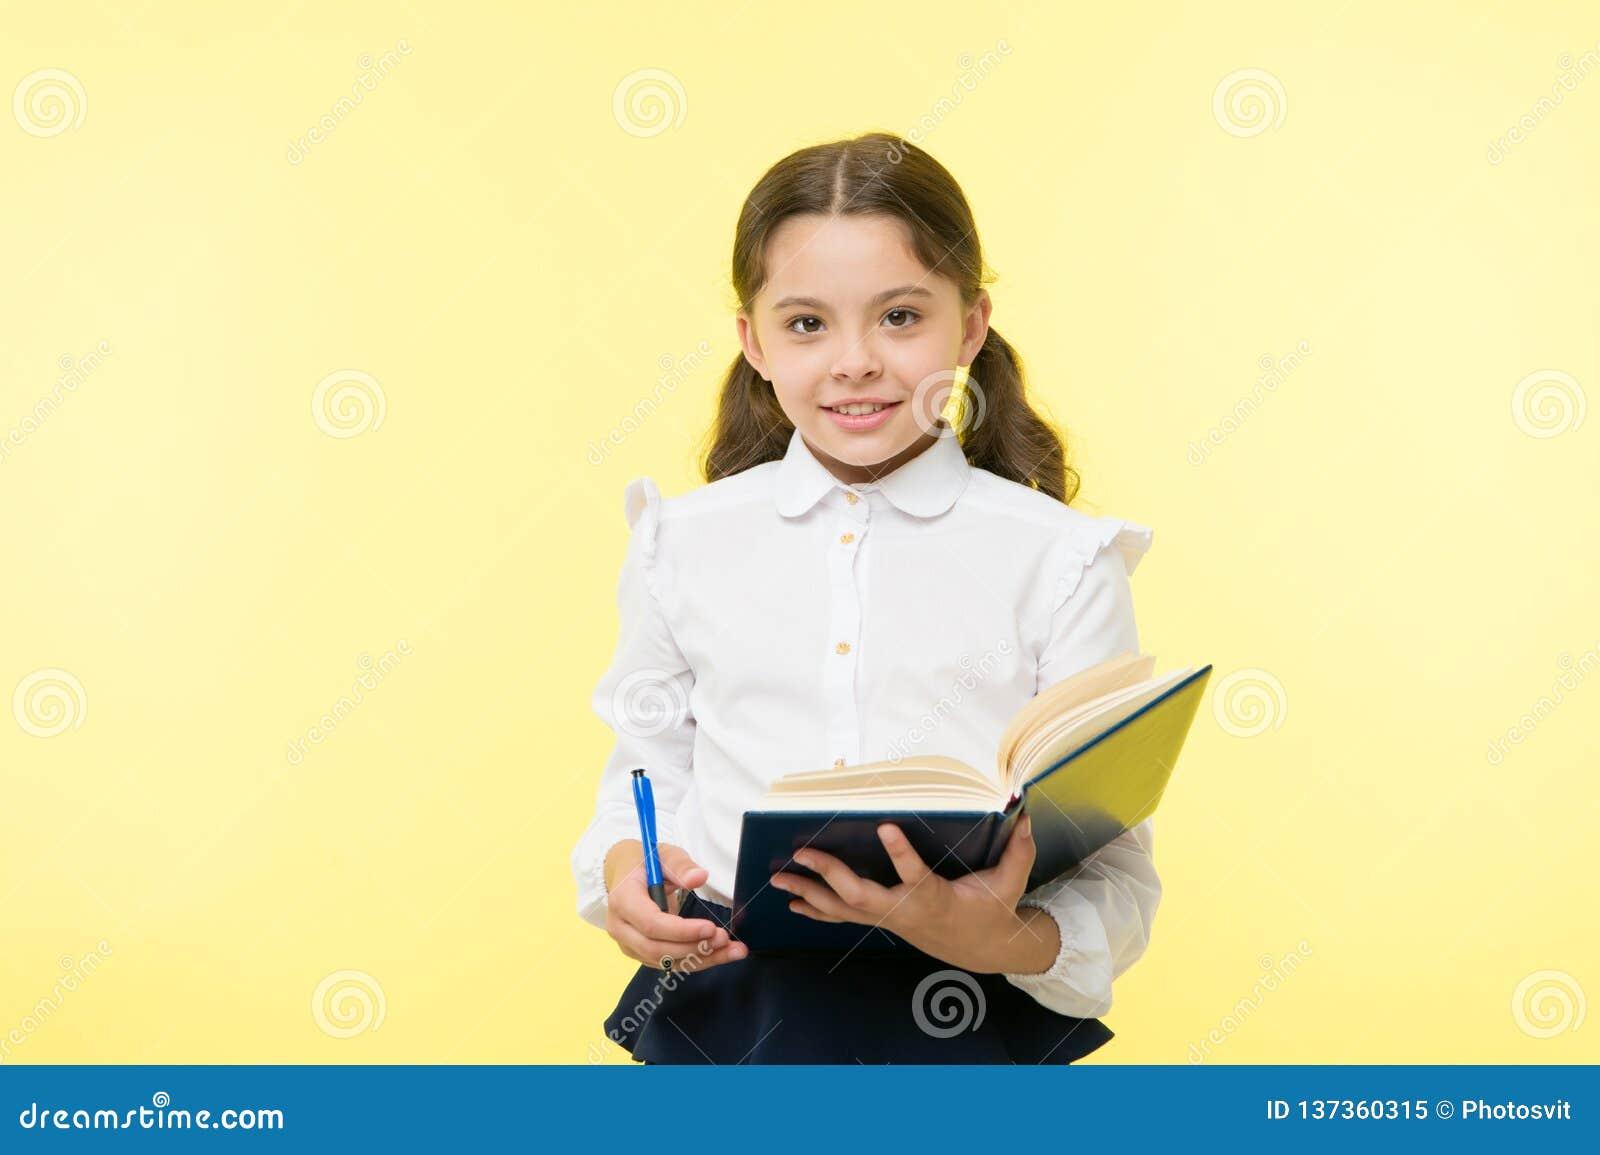 Βιβλίο και μάνδρα λαβής ενδυμάτων σχολικών στολών κοριτσιών παιδιών Το κορίτσι χαριτωμένο γράφει κάτω τις σημειώσεις ιδέας Σημειώ